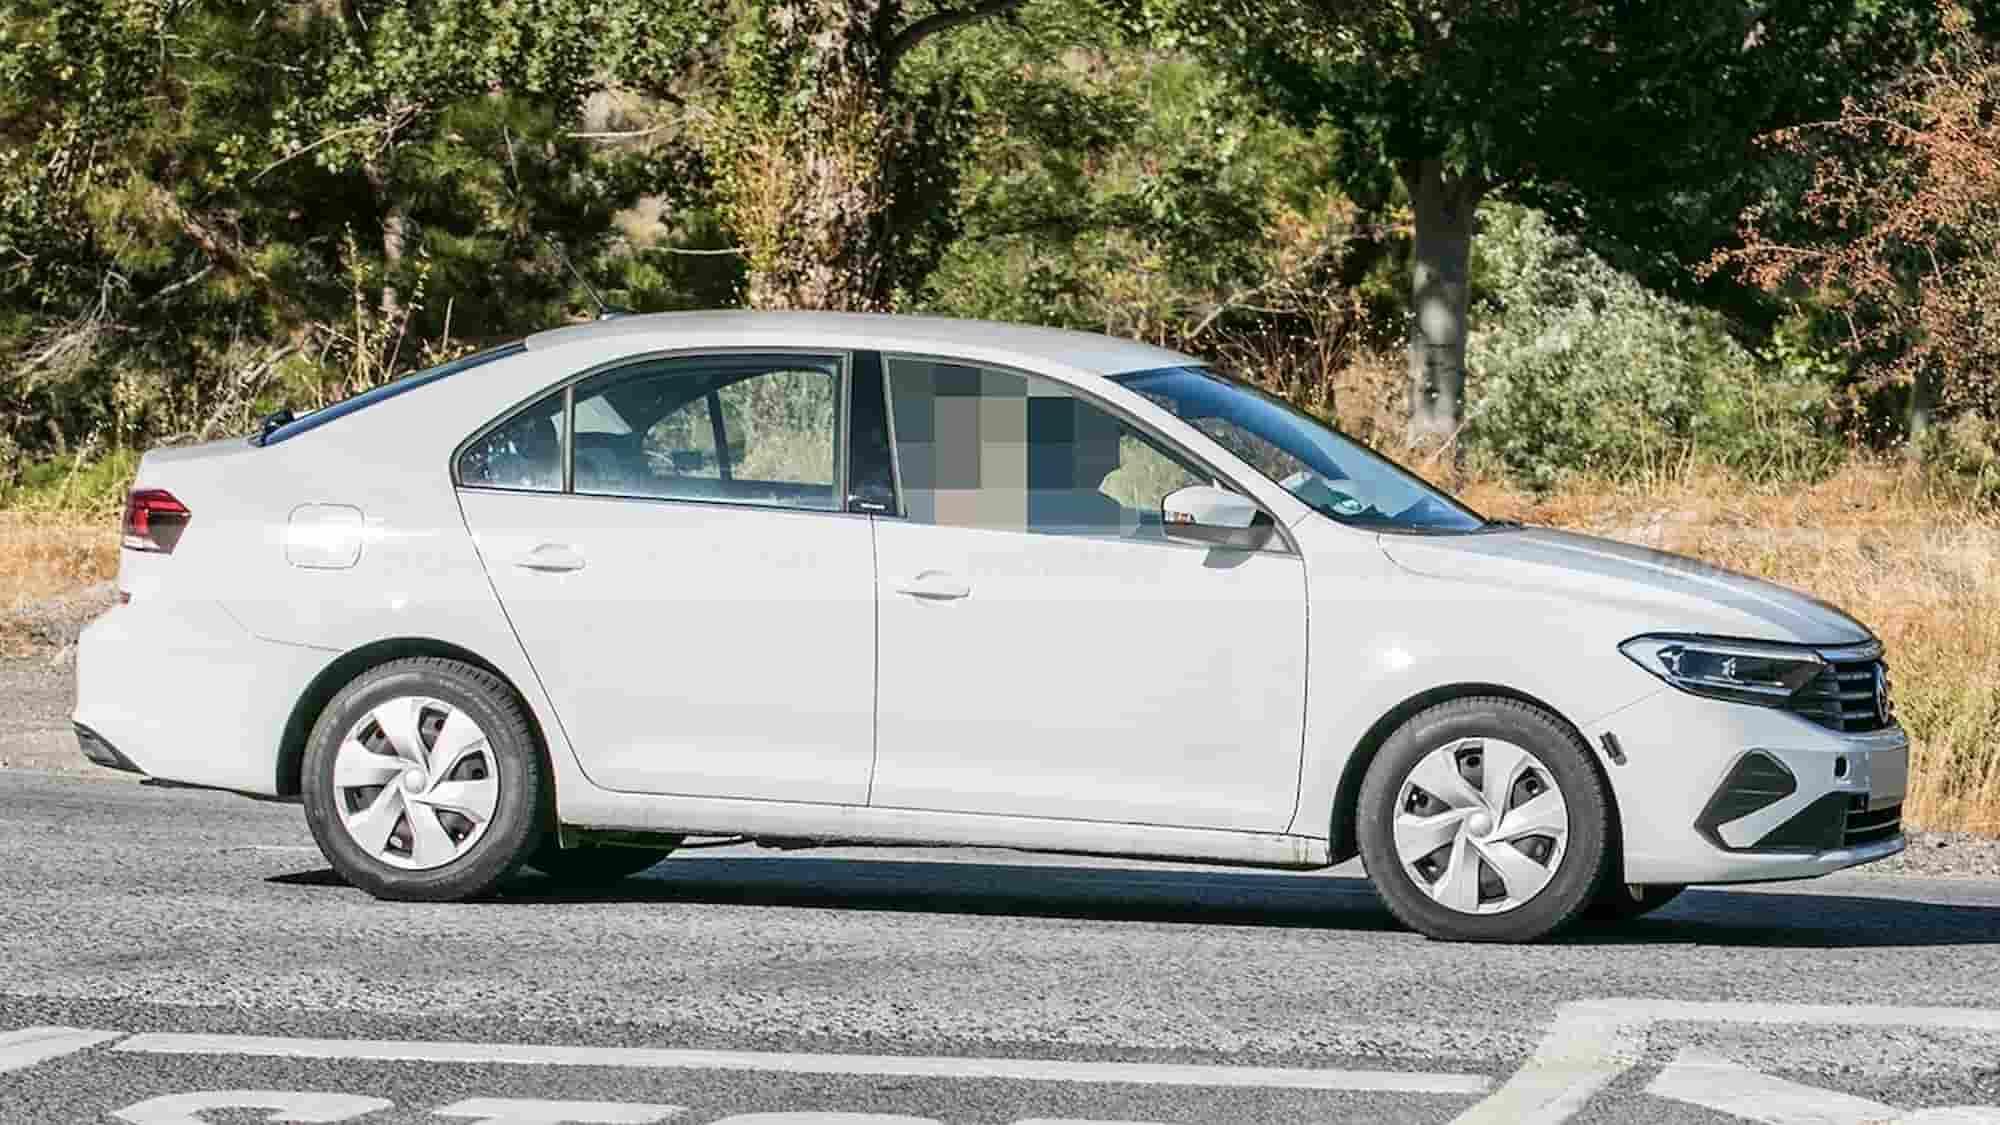 volkswagen polo sedan 2022 fotos espia 202181352 1632299794 9